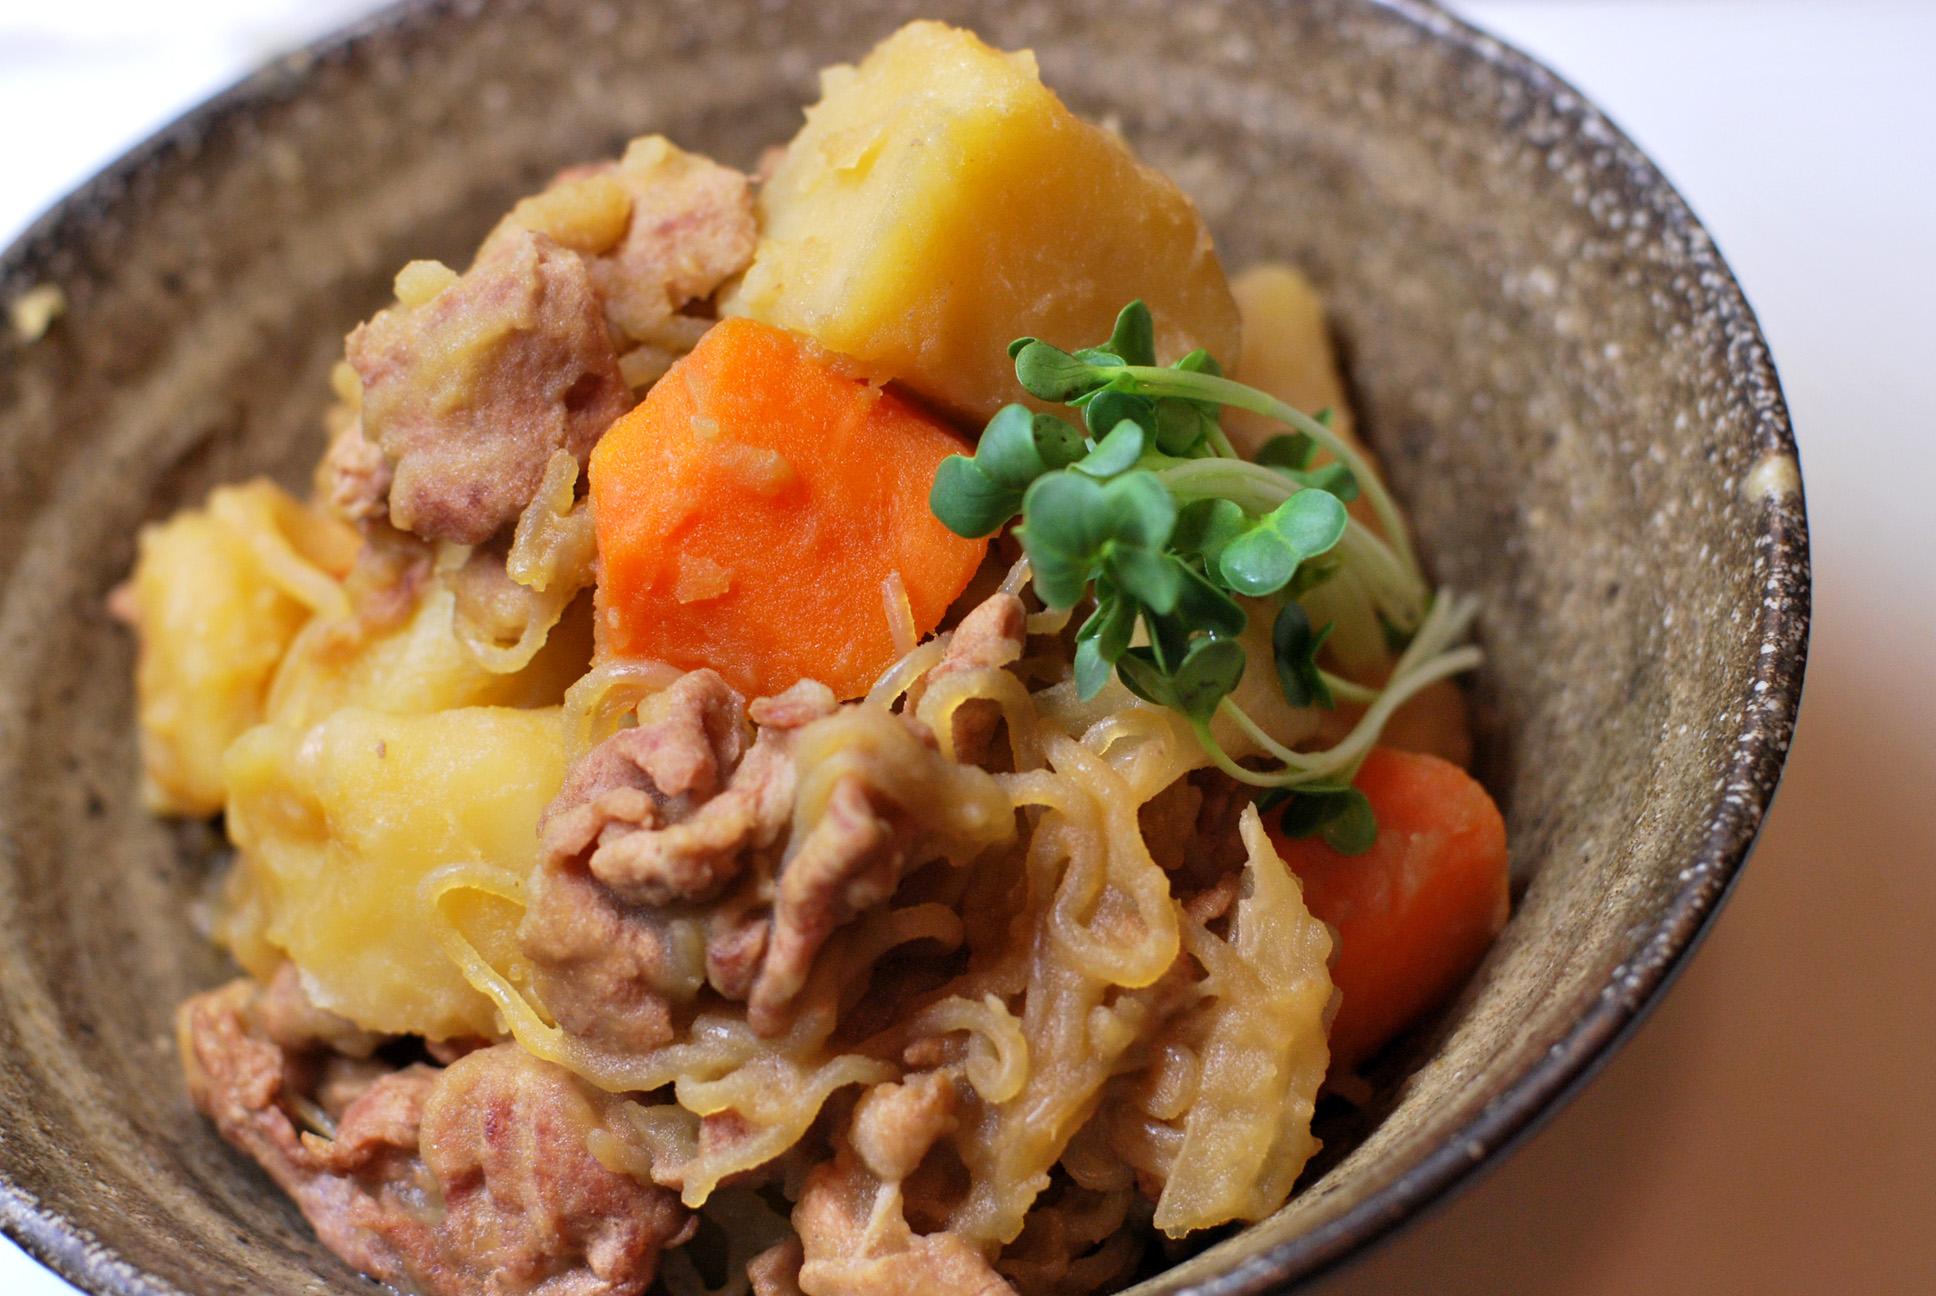 日本の代表調味料の醤油を使った健康的なカロリーのレシピ5選のサムネイル画像